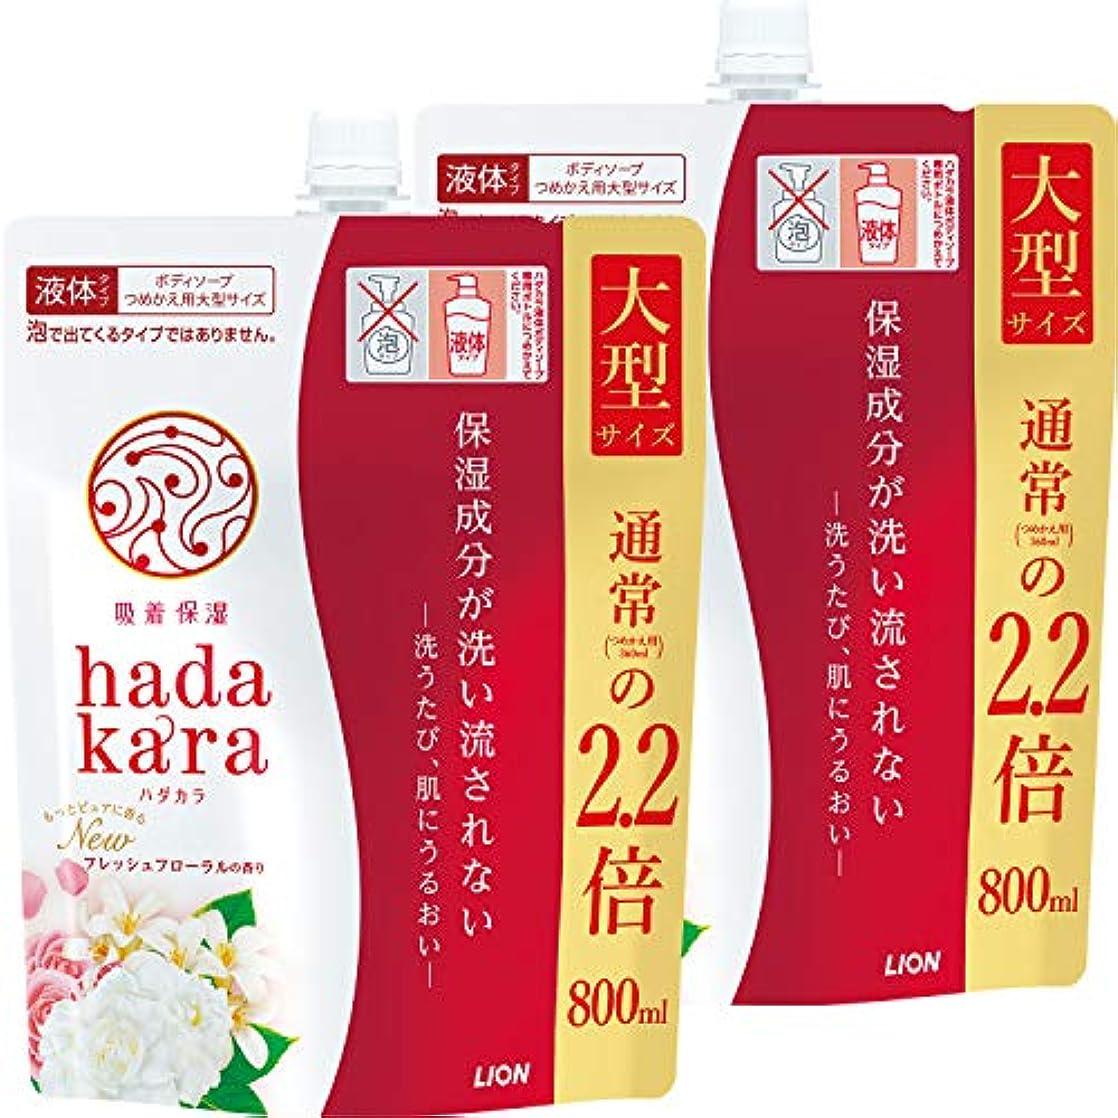 予測するコットン割り込みhadakara(ハダカラ) ボディソープ フレッシュフローラルの香り つめかえ用大型サイズ 800ml×2個